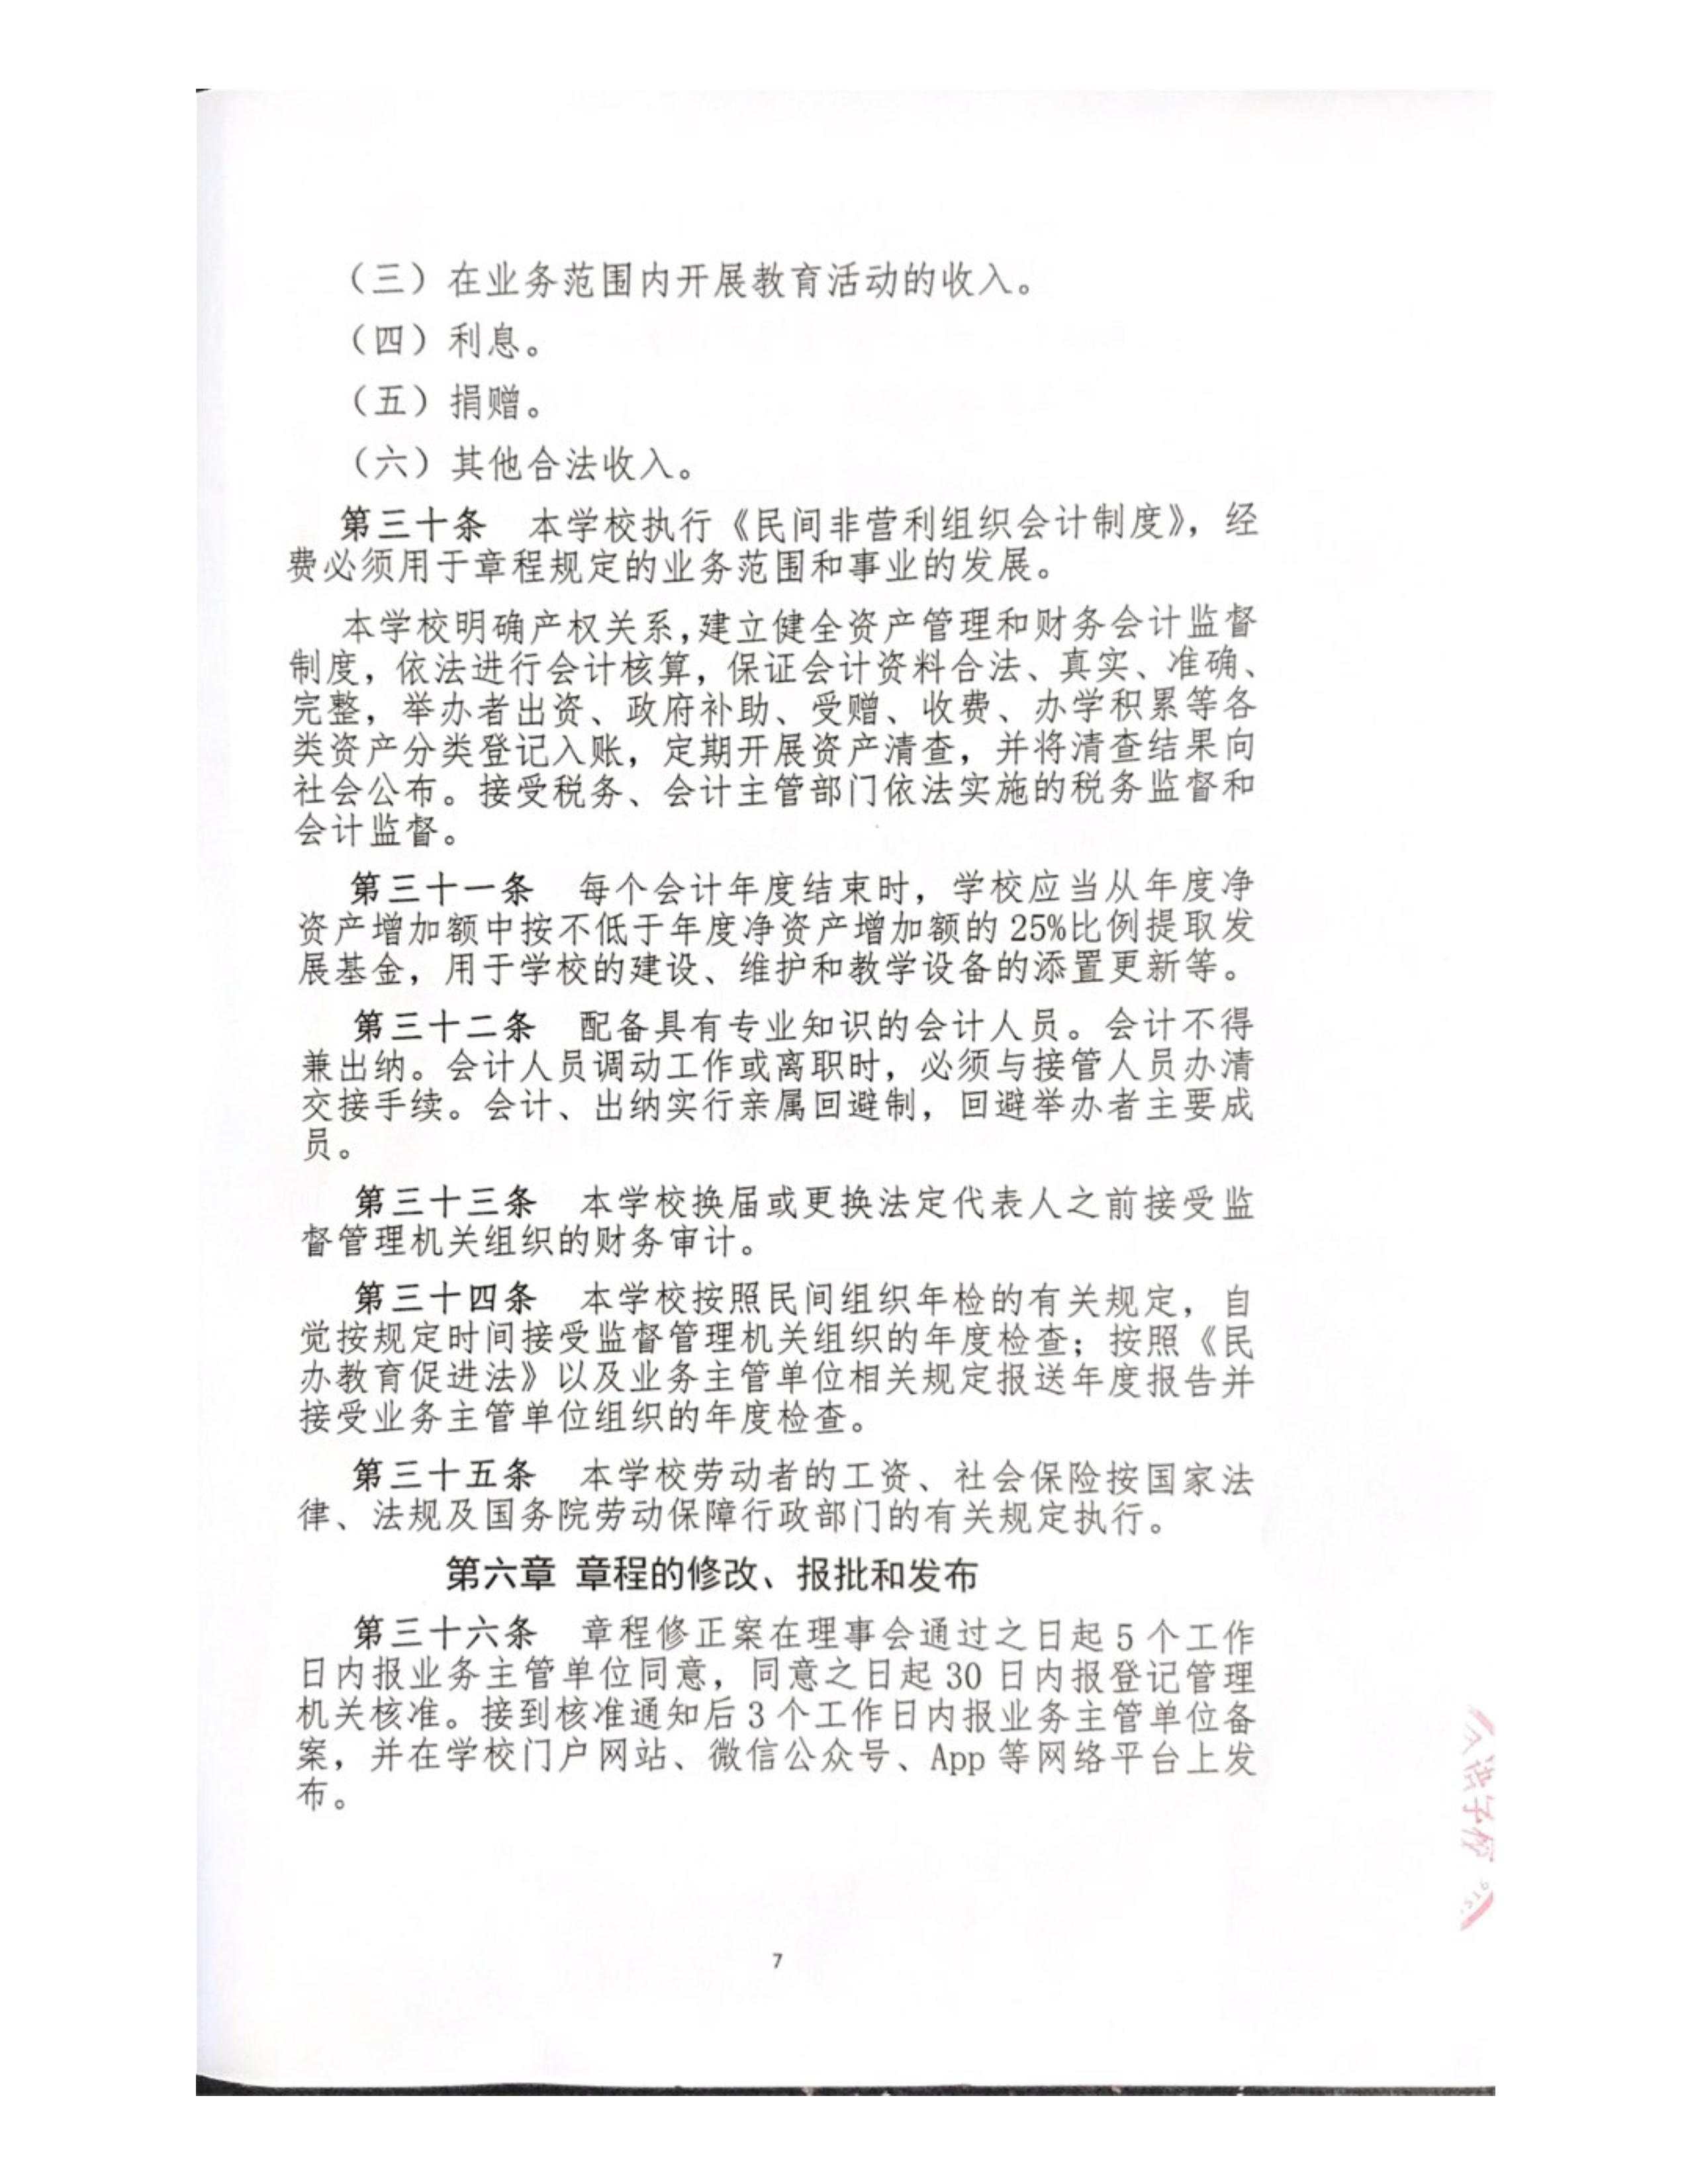 成都市温江区王府外国语学校章程公示